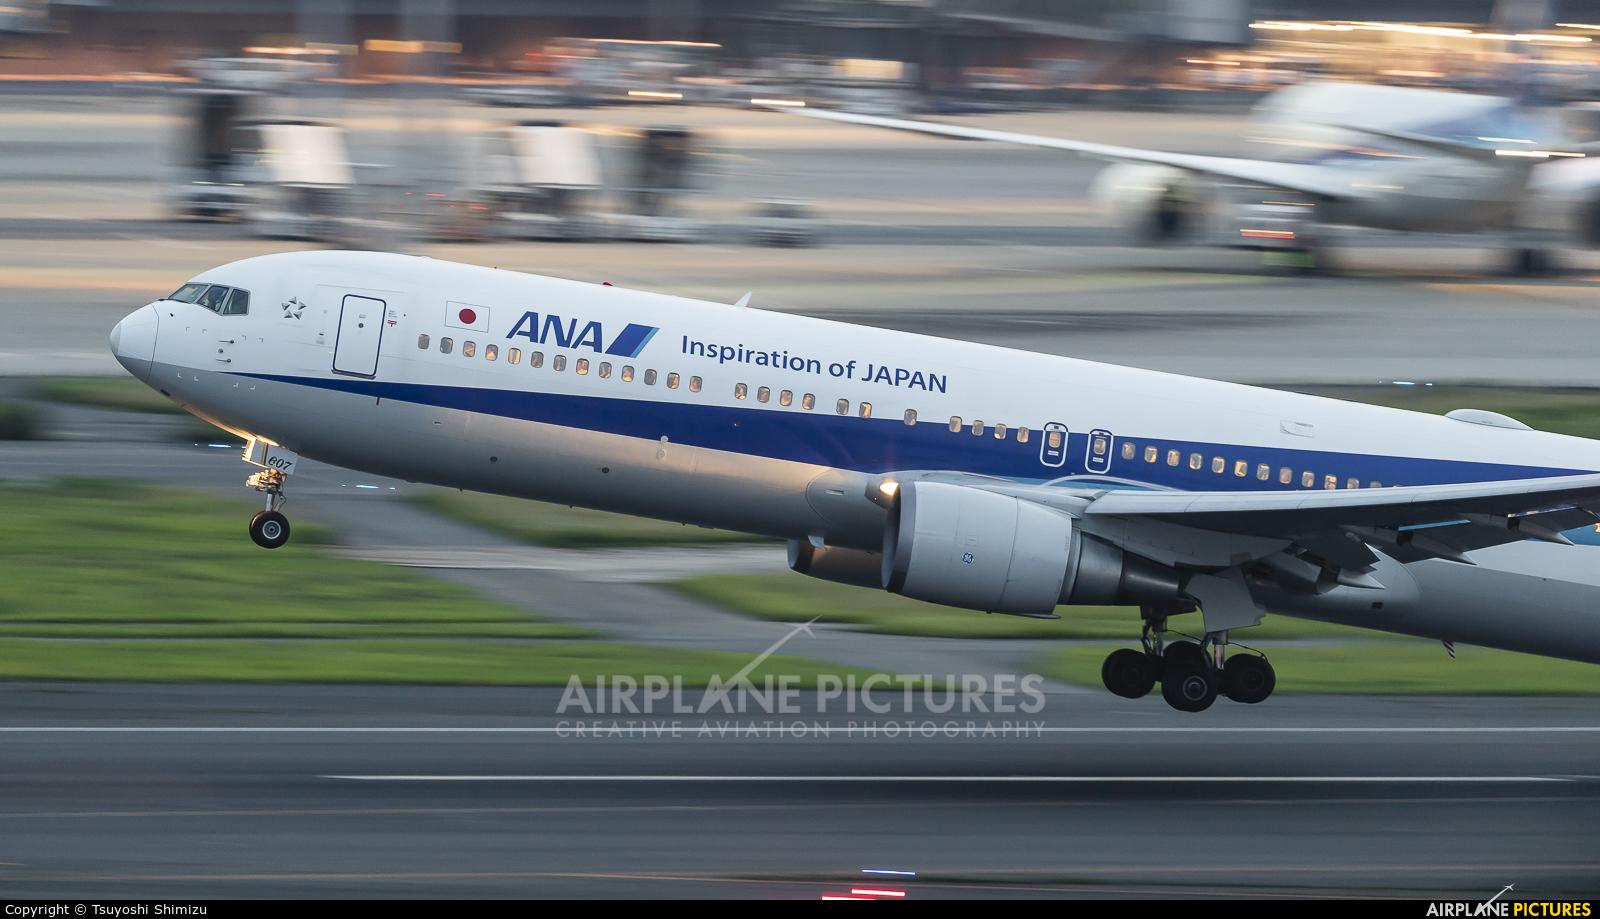 ANA - All Nippon Airways JA607A aircraft at Tokyo - Haneda Intl